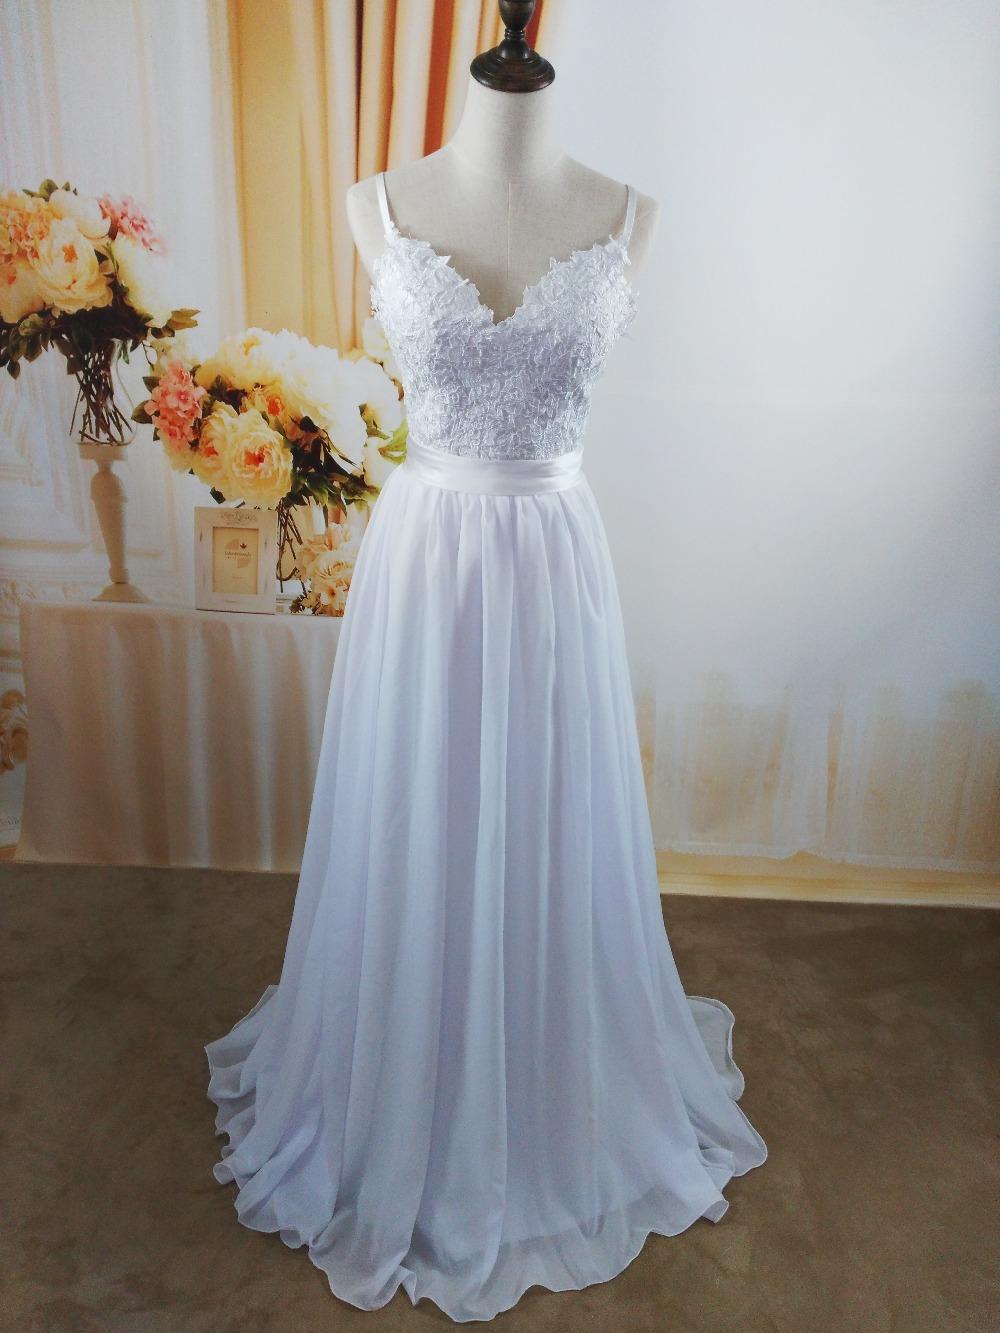 Dlhé svadobné šaty - 14 veľkostí 81605e56fa7